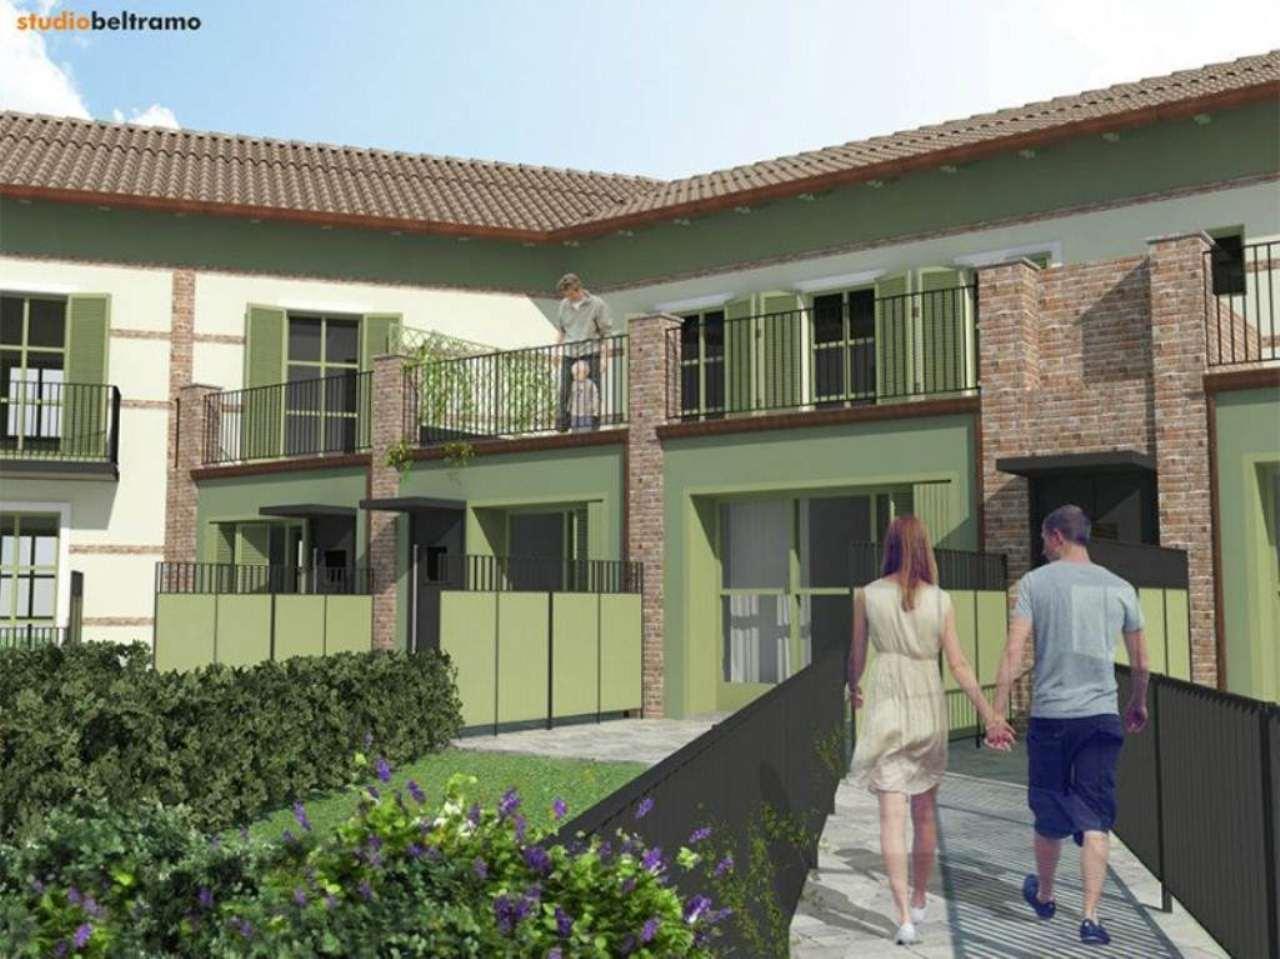 Appartamento in vendita a Fiano, 3 locali, prezzo € 310.000 | Cambio Casa.it